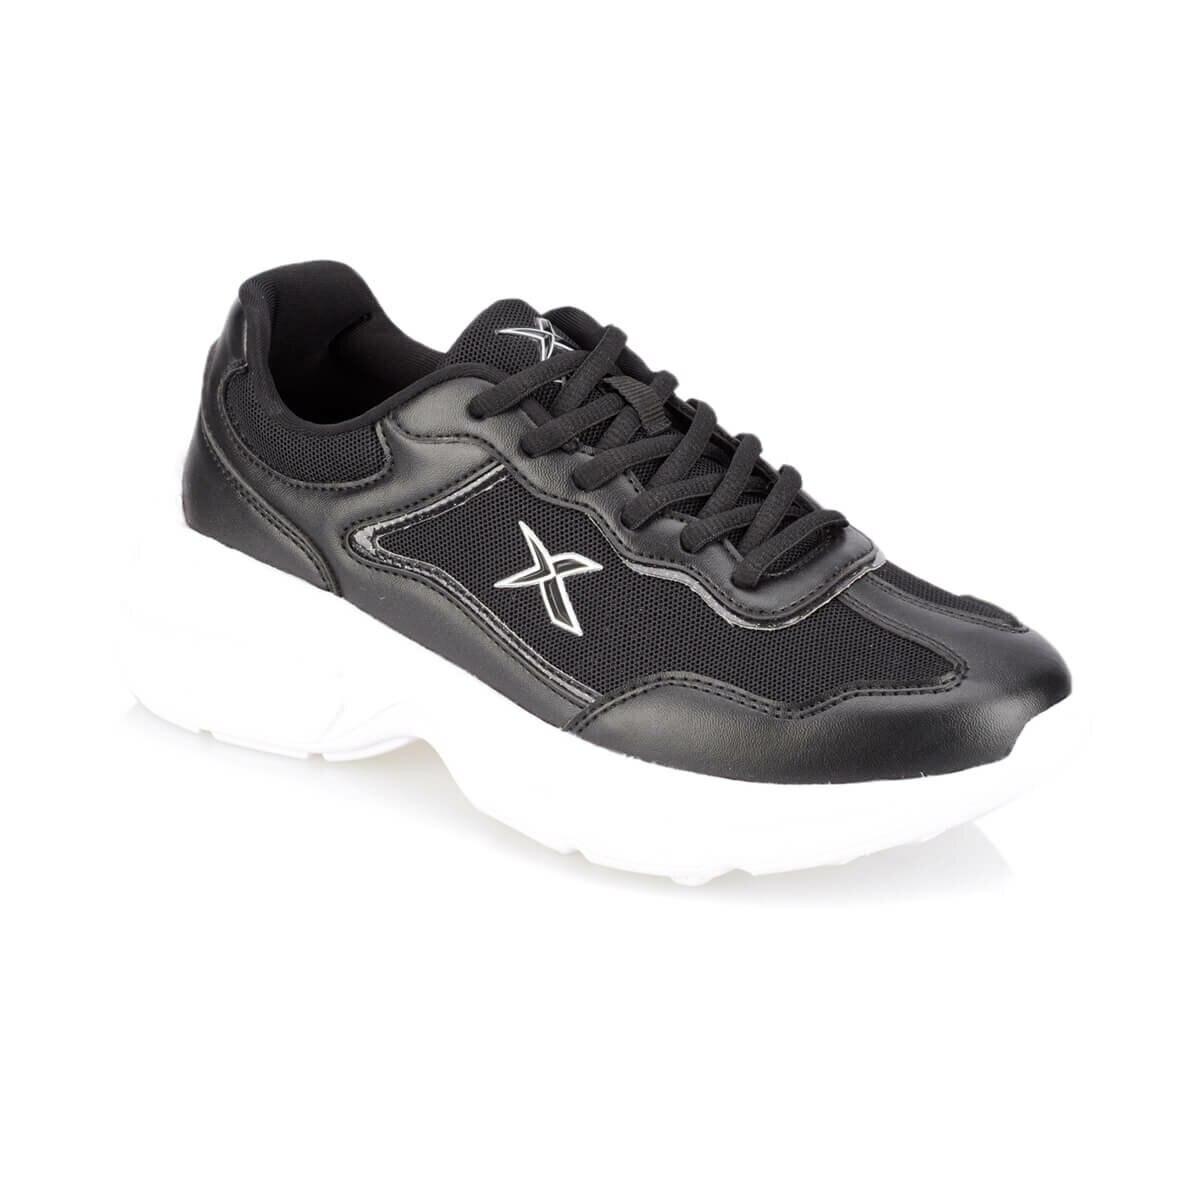 FLO LACE W Black Women 'S Sneaker Shoes KINETIX